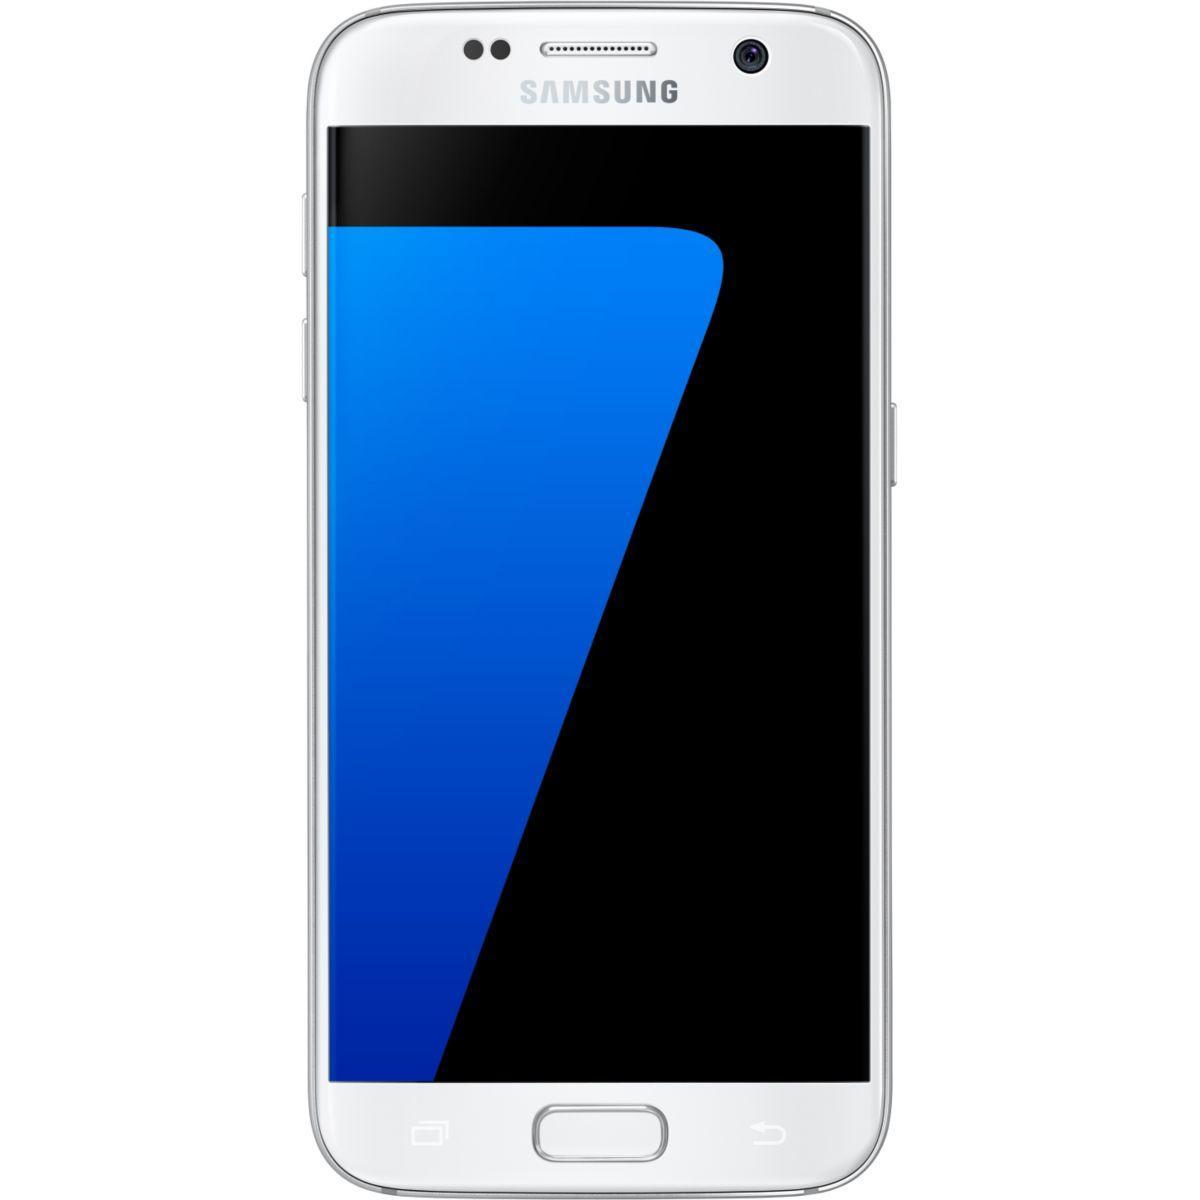 Pack promo smartphone samsung galaxy s7 32go blanc + chargeur à induction samsung pad induction design s6-s7 blanc - soldes et bonnes affaires à prix